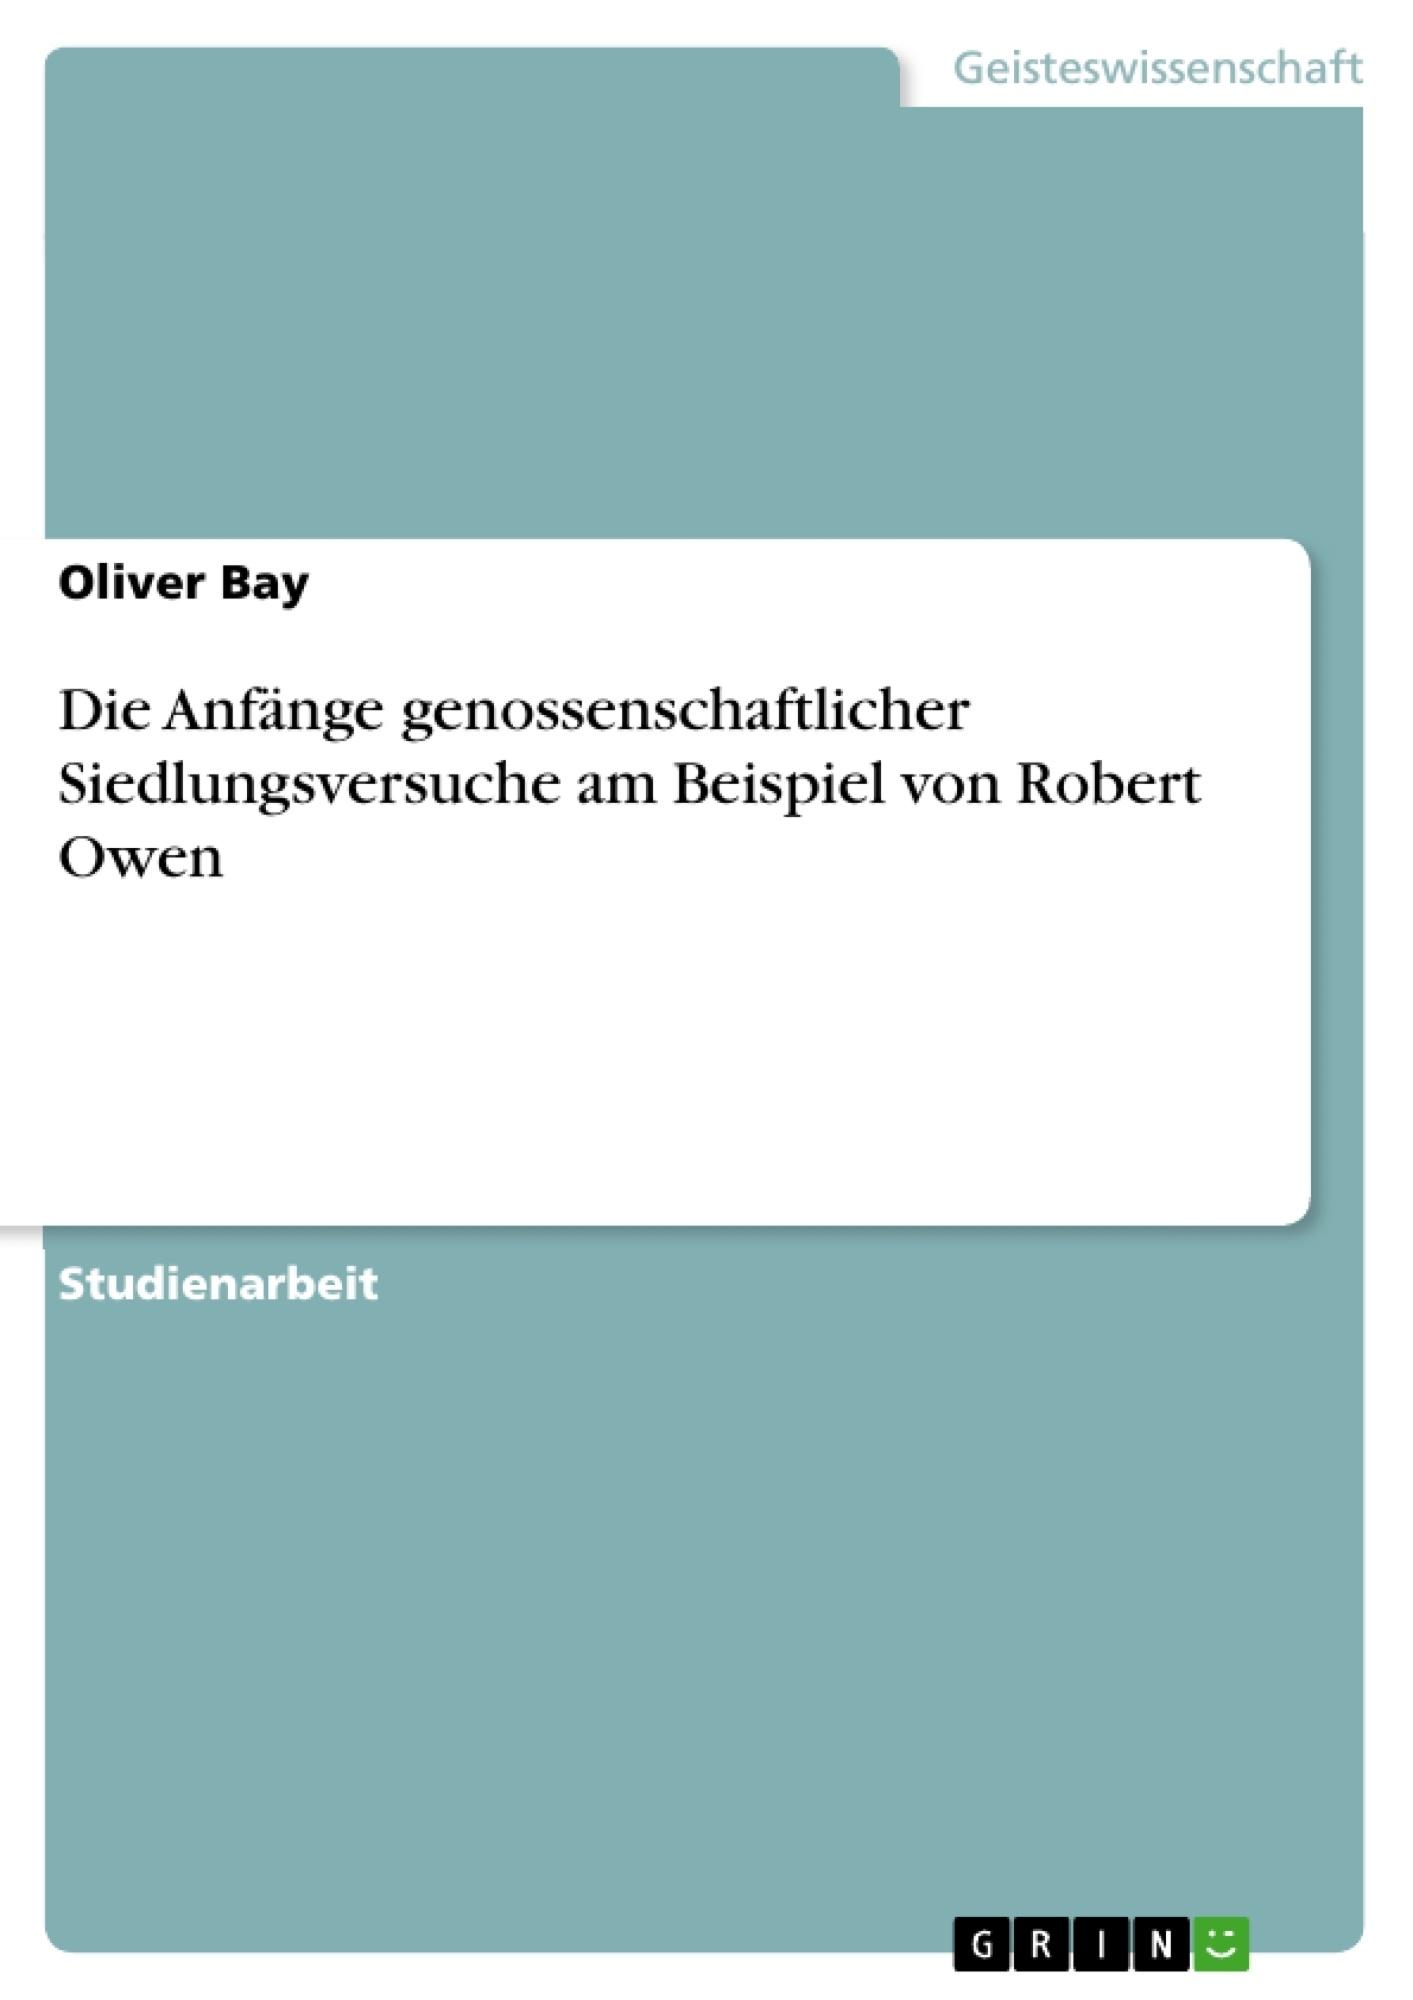 Titel: Die Anfänge genossenschaftlicher Siedlungsversuche am Beispiel von Robert Owen